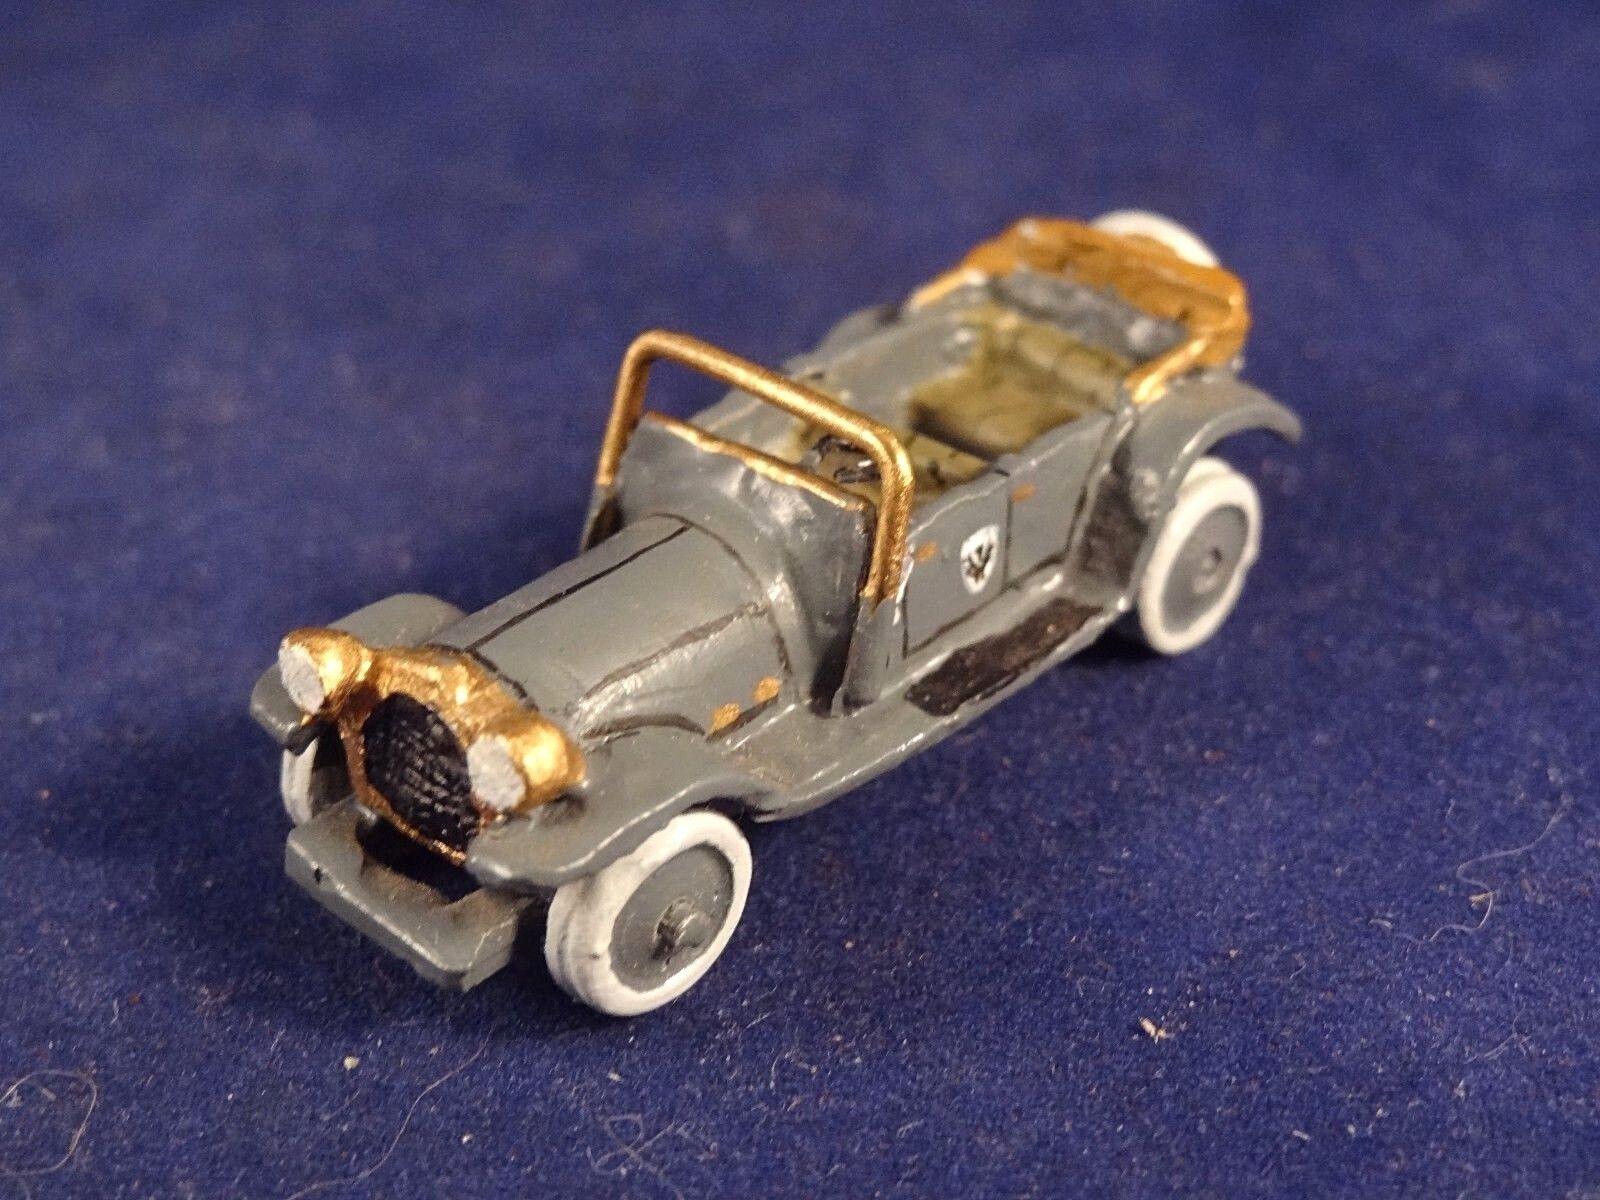 Ancien jouet voiture miniature décapotable plomb étain  années 1920 1920 1920 L : 4 cm 01775a